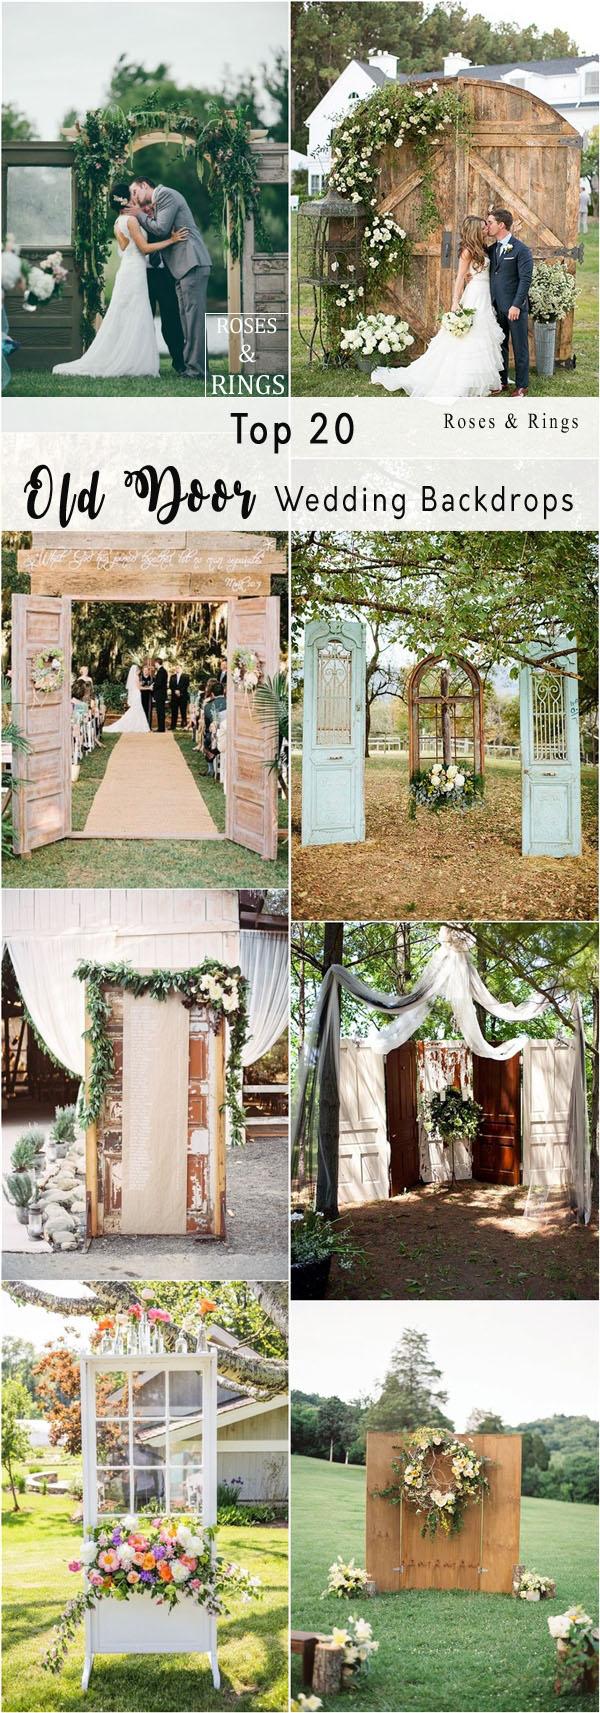 Top 20 Vintage Old Door Wedding Backdrops   Roses & Rings